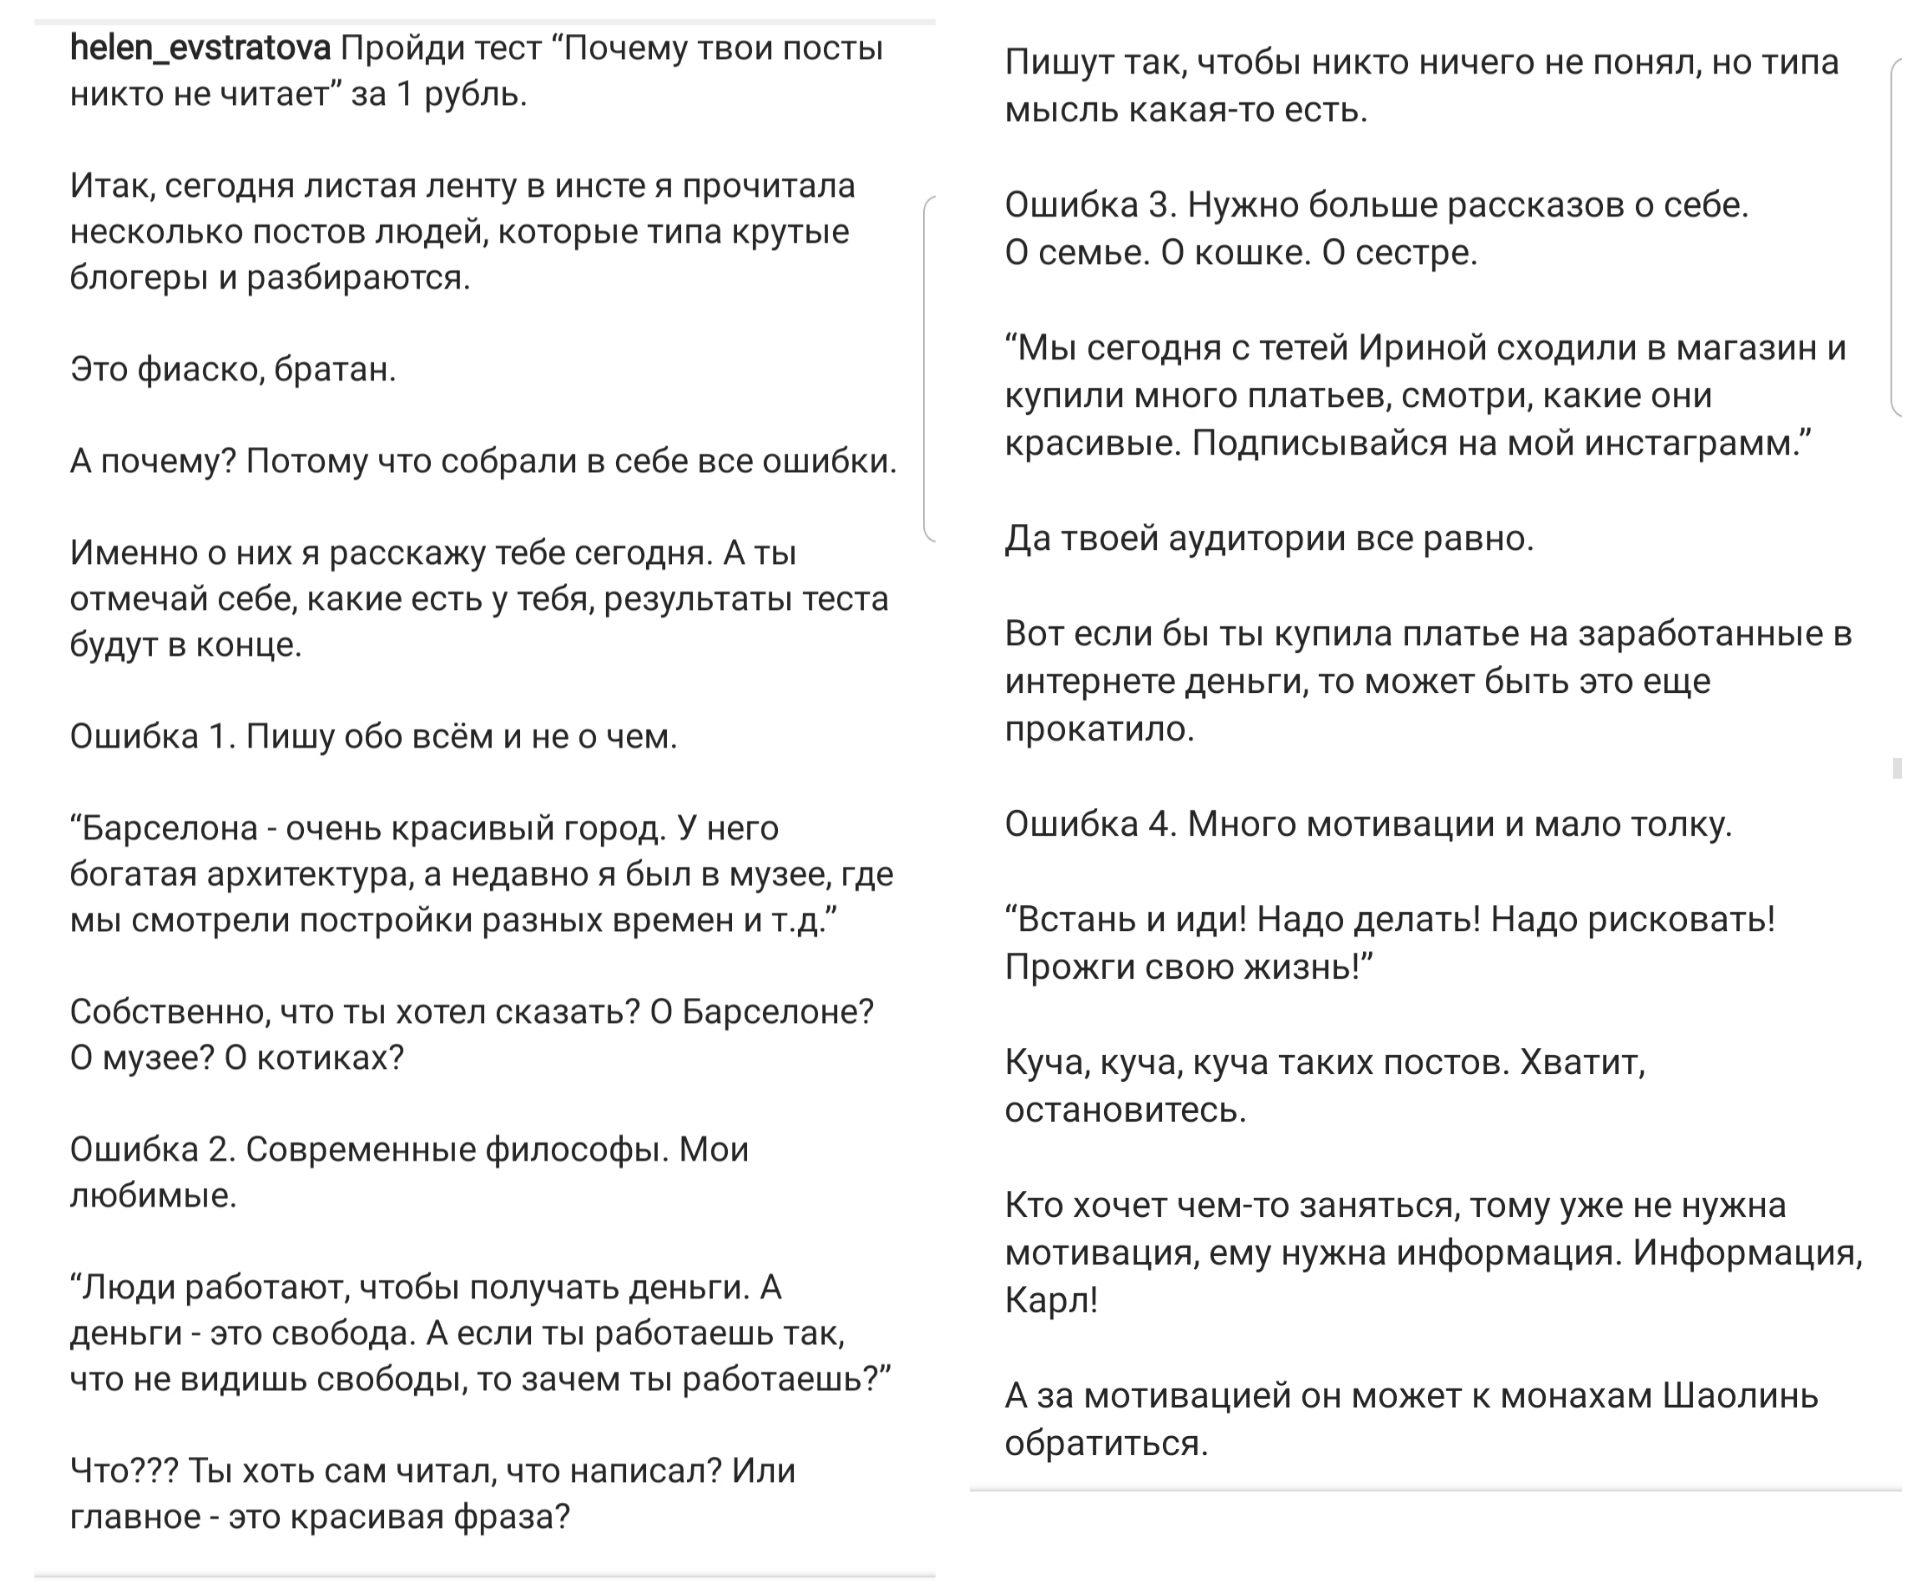 Идеи для постов в Инстаграм — 58 бомбовых тем для блога